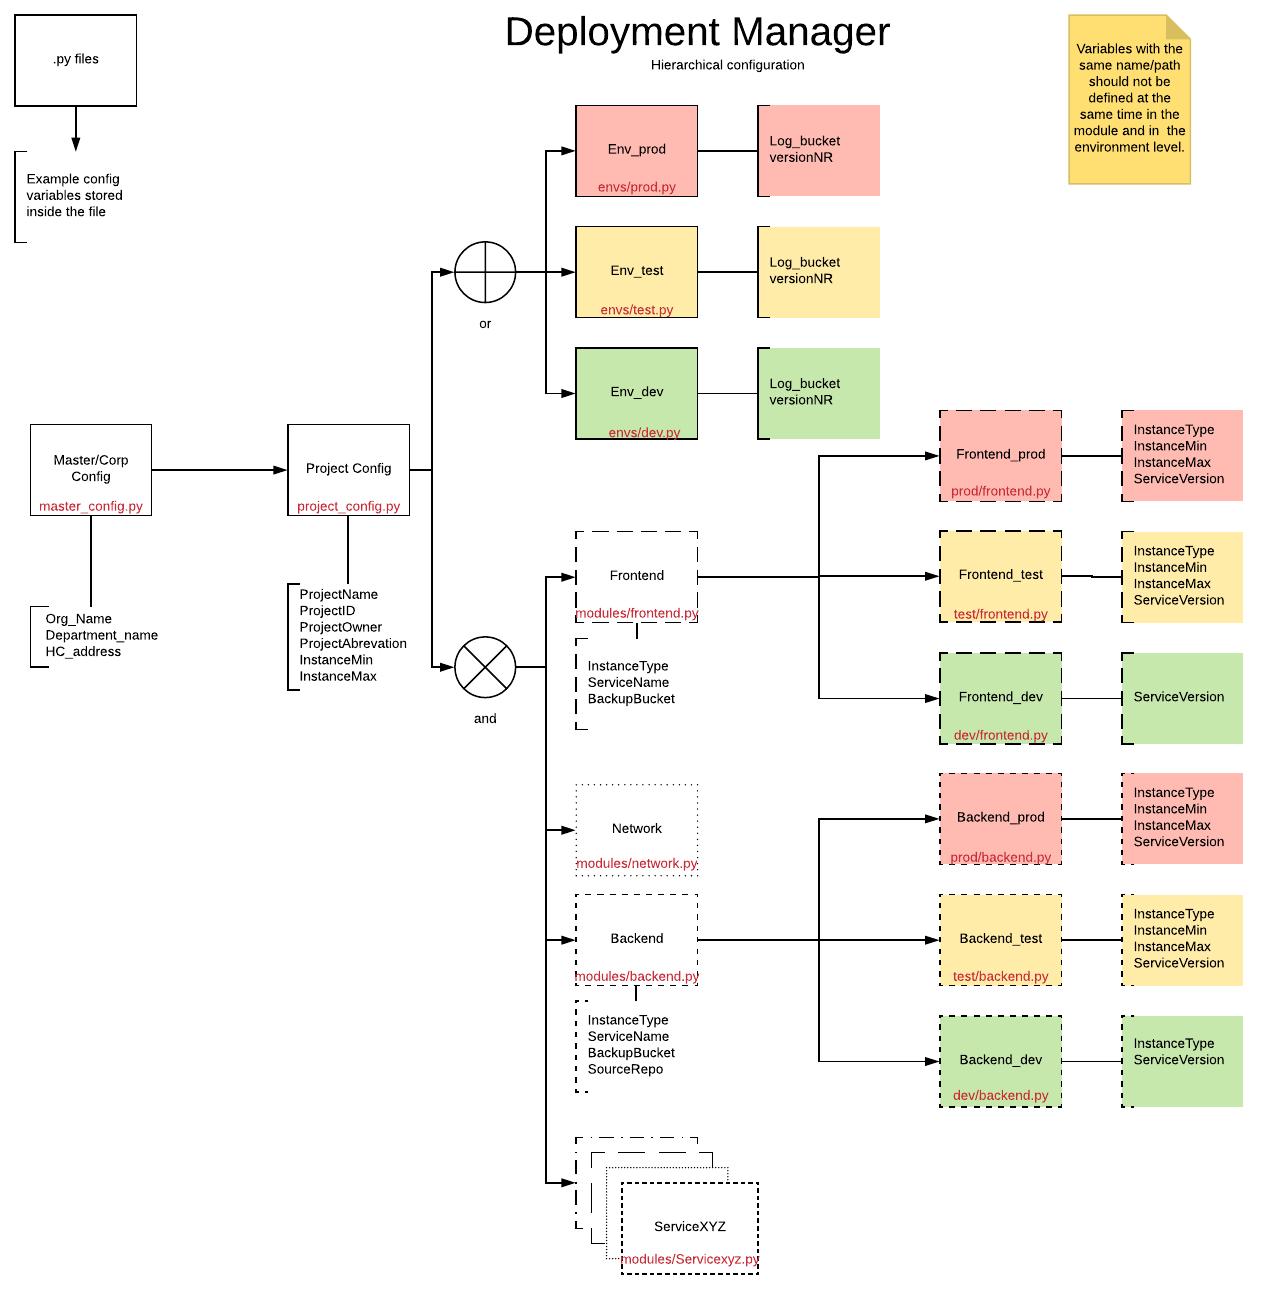 Jerarquía de configuración con niveles diferentes y sus relaciones destacadas.